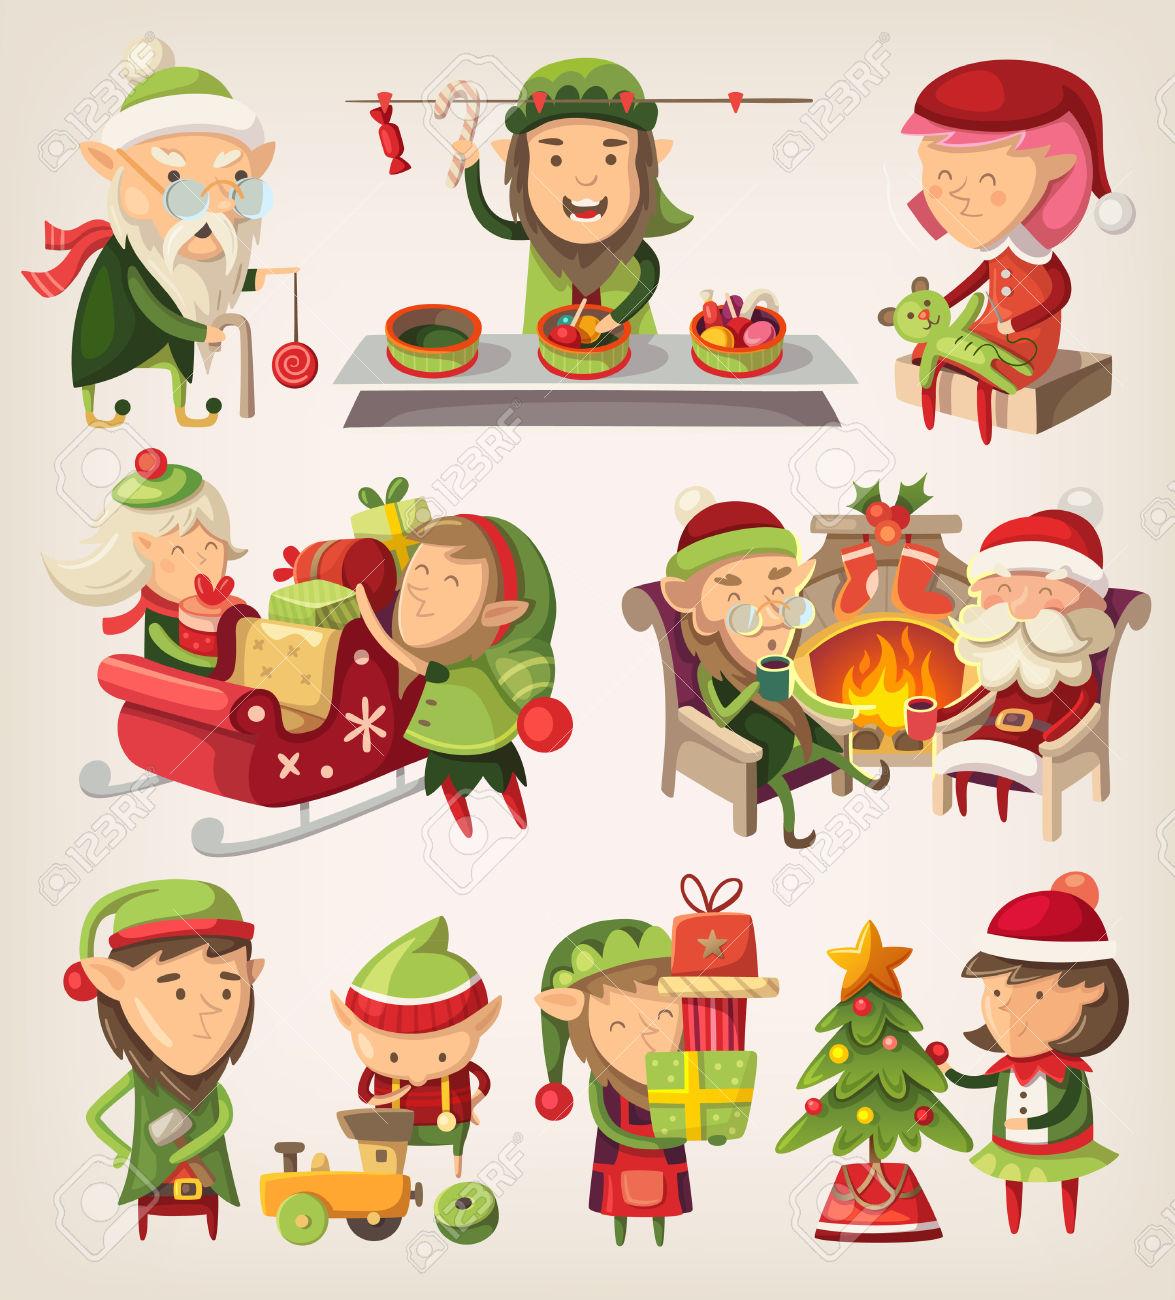 Immagini elfi di babbo natale – Disegni di Natale 2019 5ce9b2e979e3